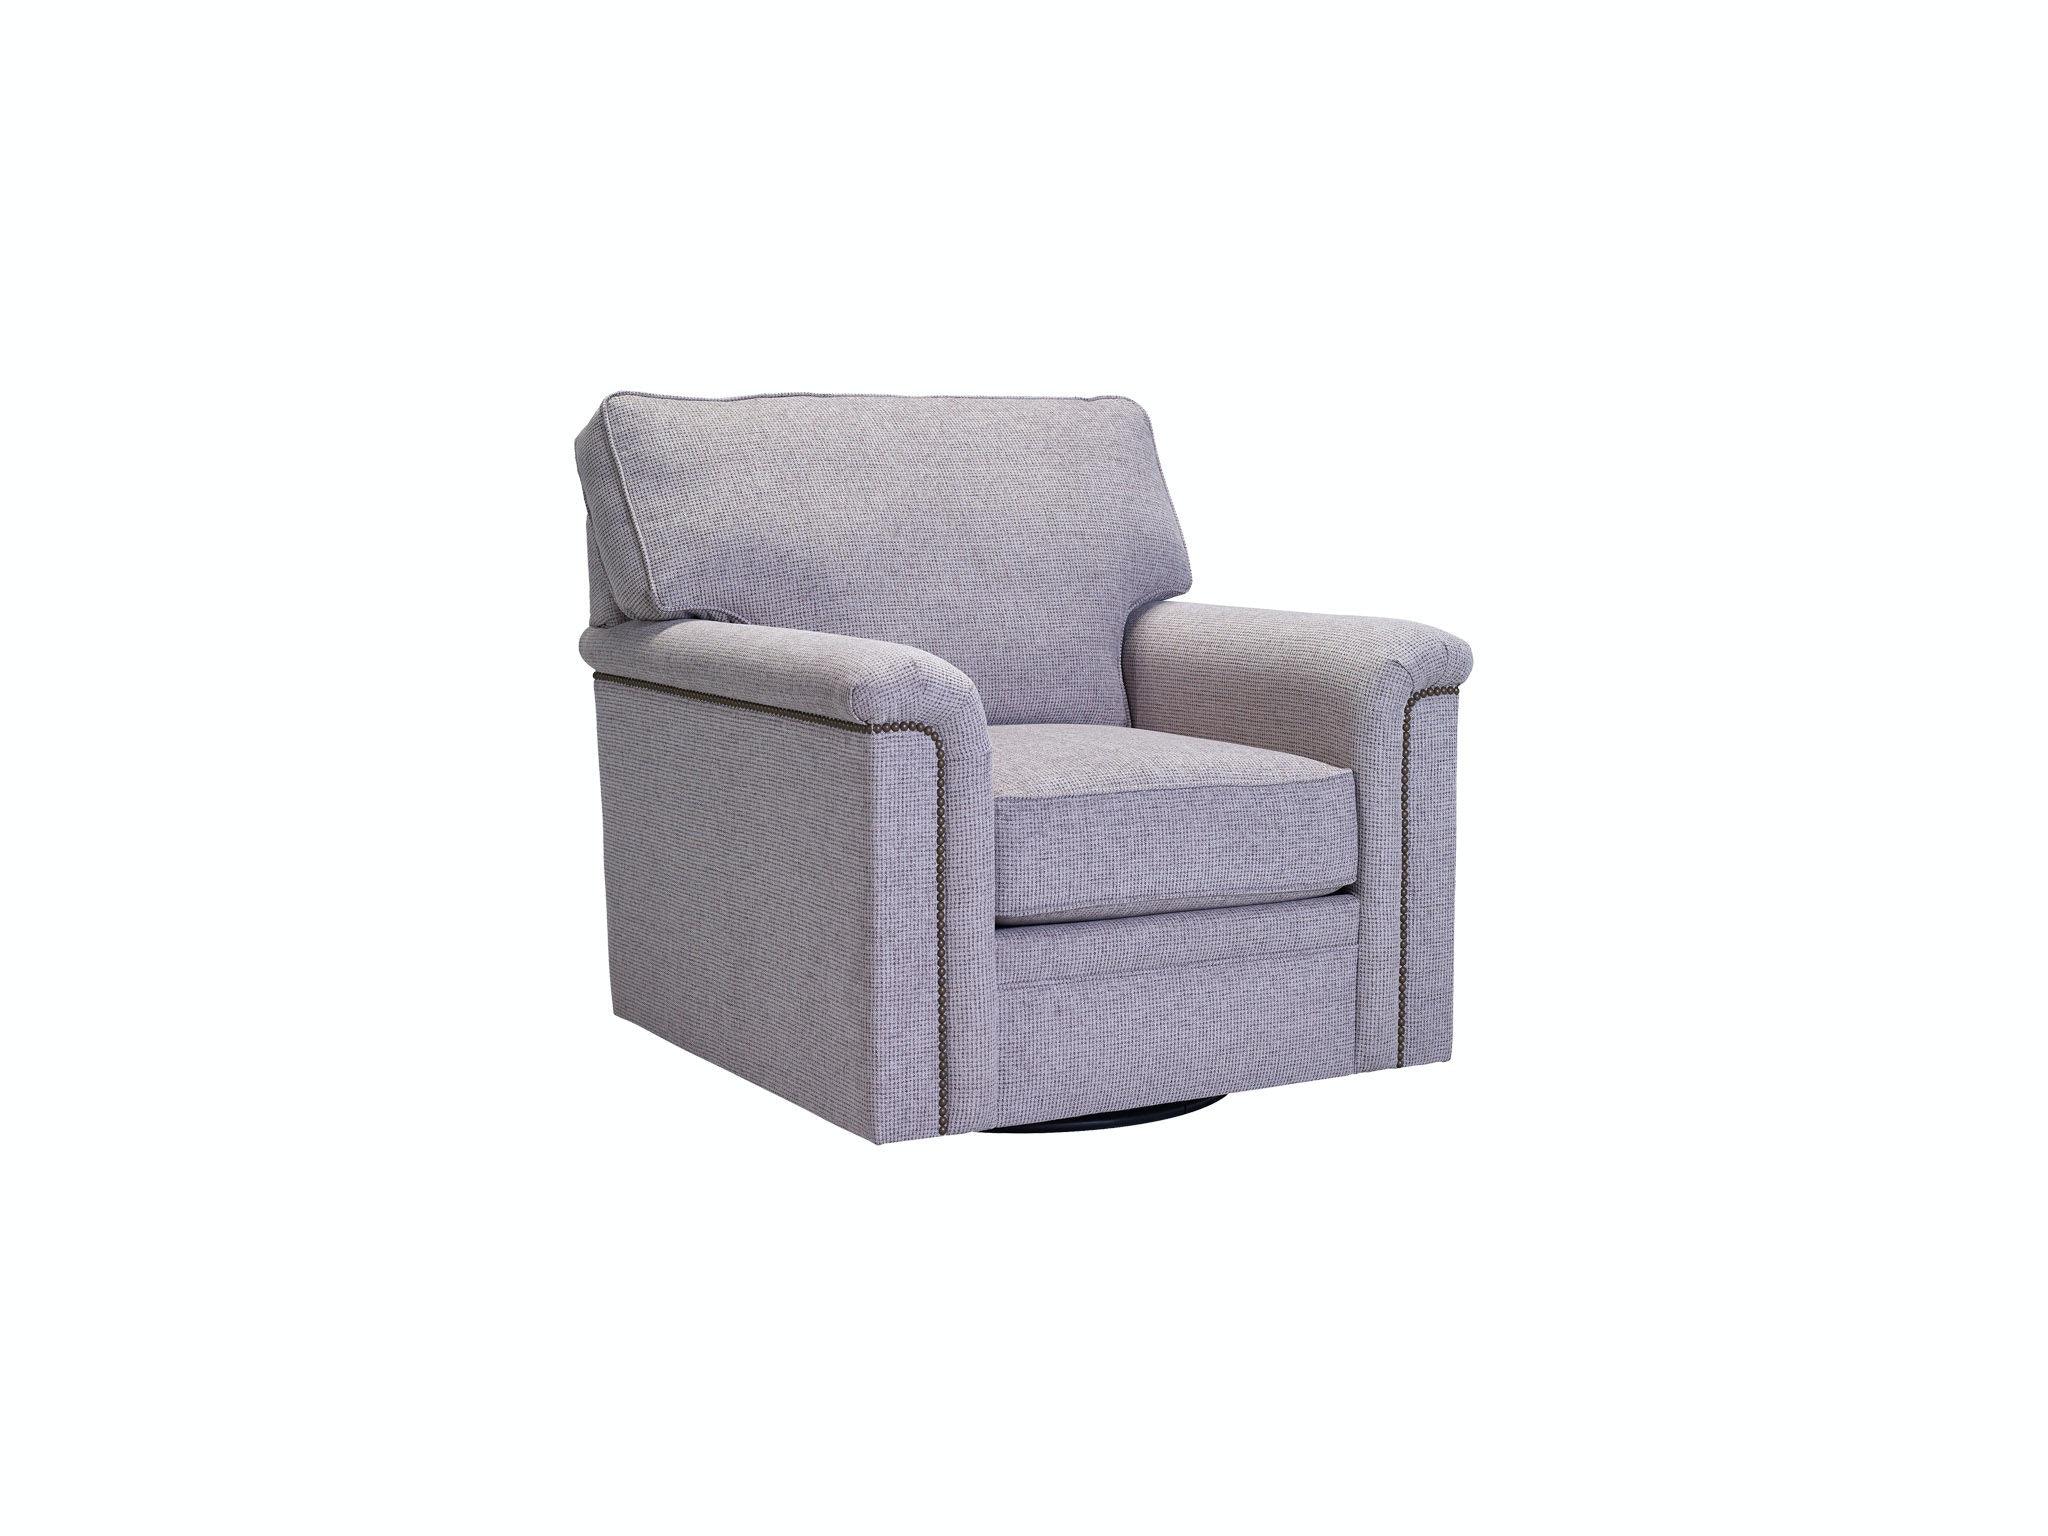 Broyhill Warren Swivel Chair 4287 8